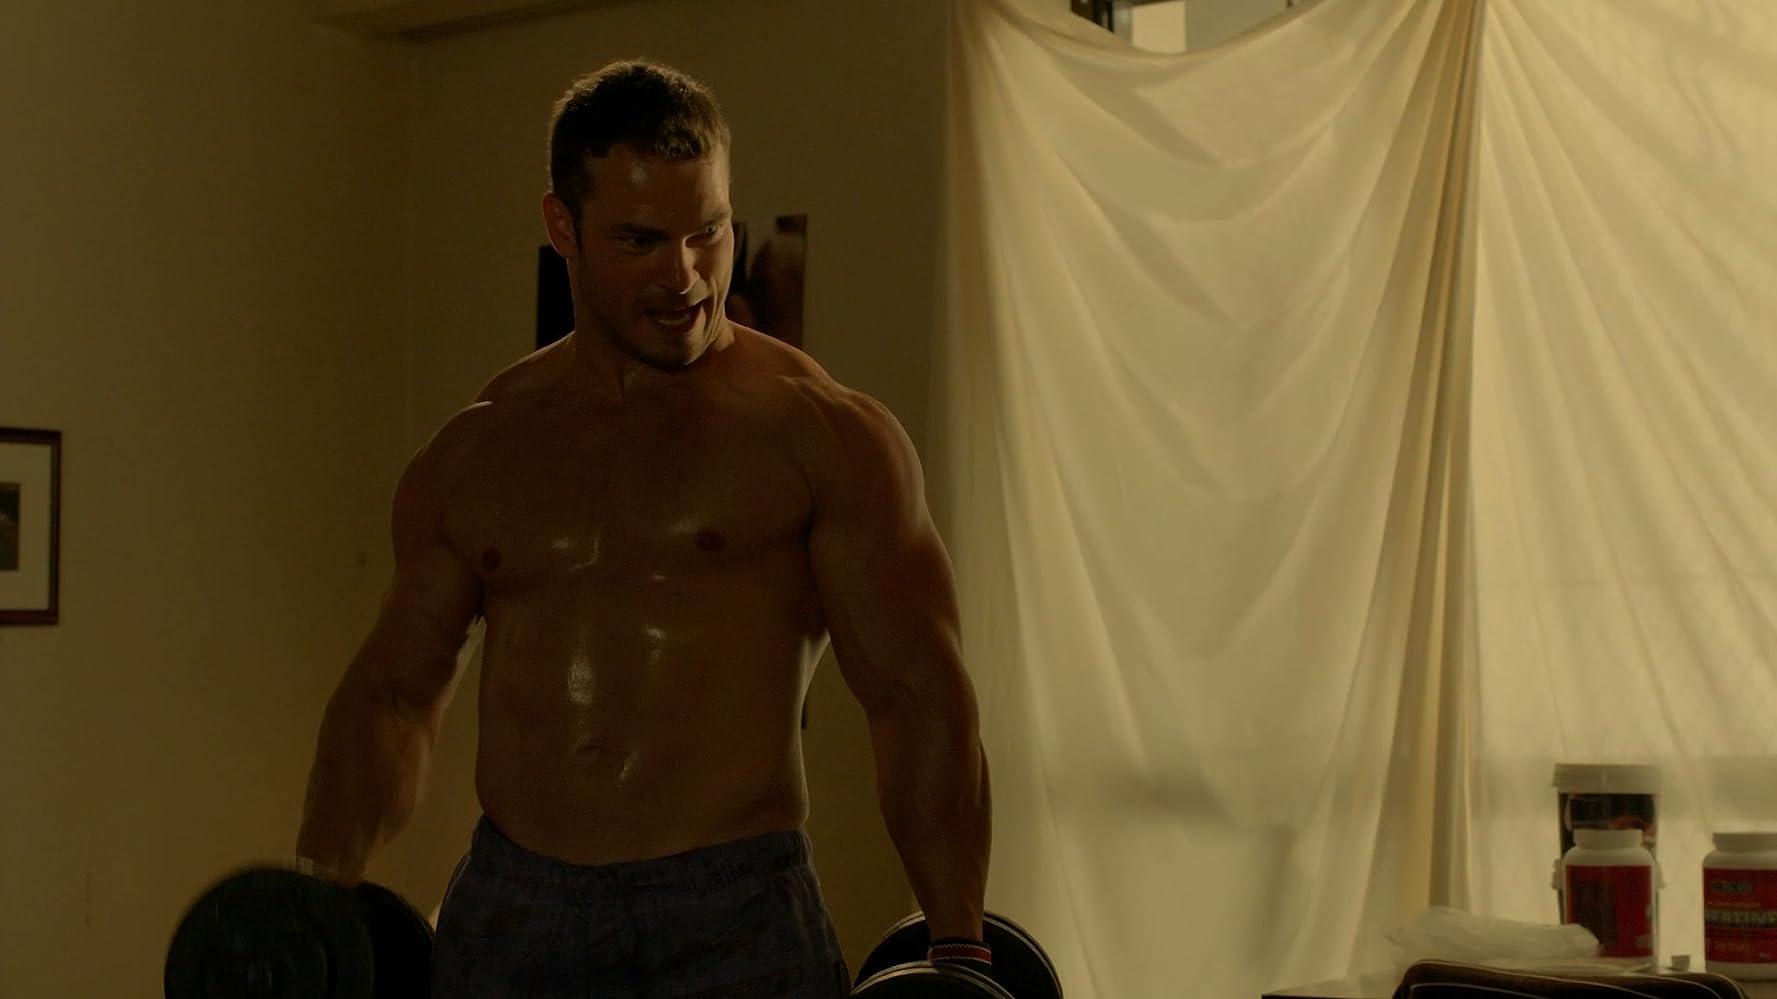 man hideaway Muscle